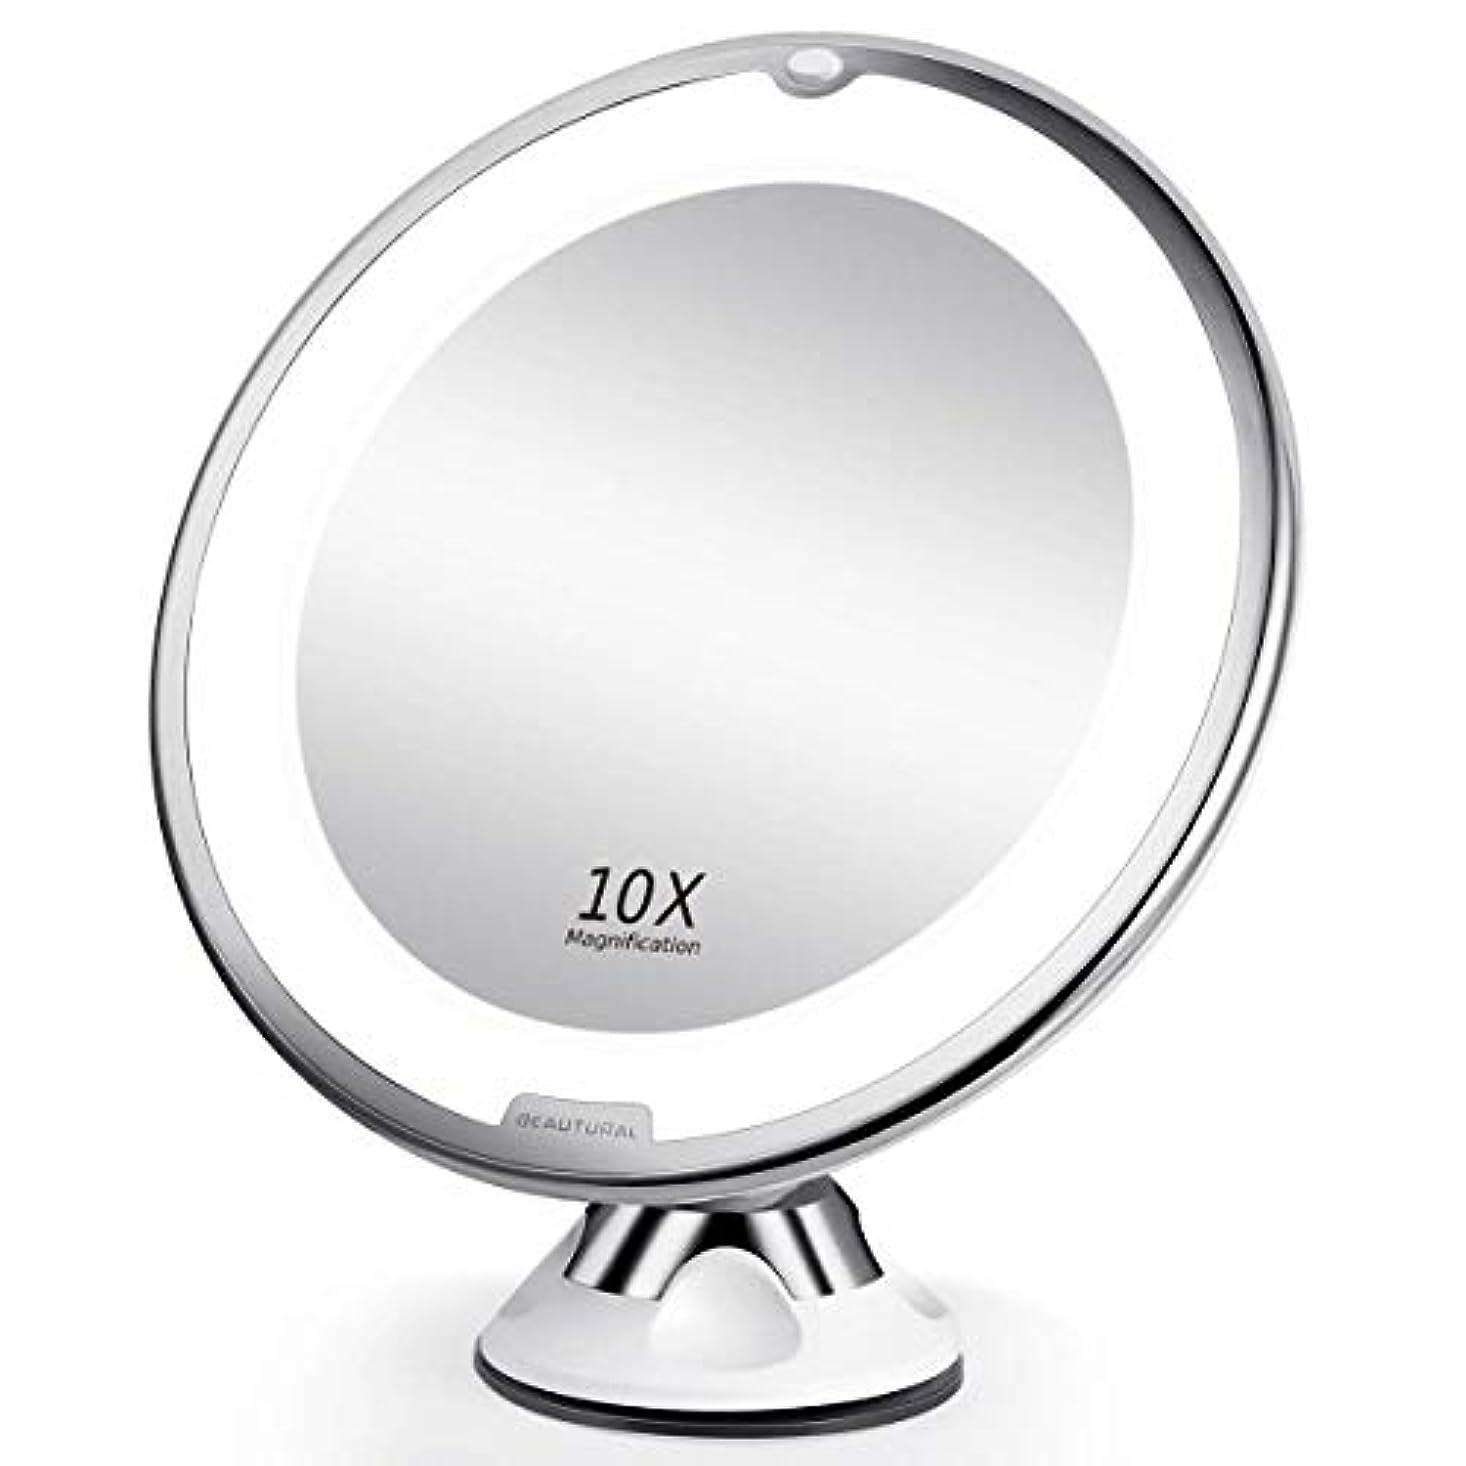 ばか冷酷な天国Beautural 10倍拡大鏡 化粧 拡大鏡 LED化粧鏡 浴室用鏡 LEDミラー 360度回転 吸盤ロック付き スタンド/壁掛け両用 防錆 乾電池式